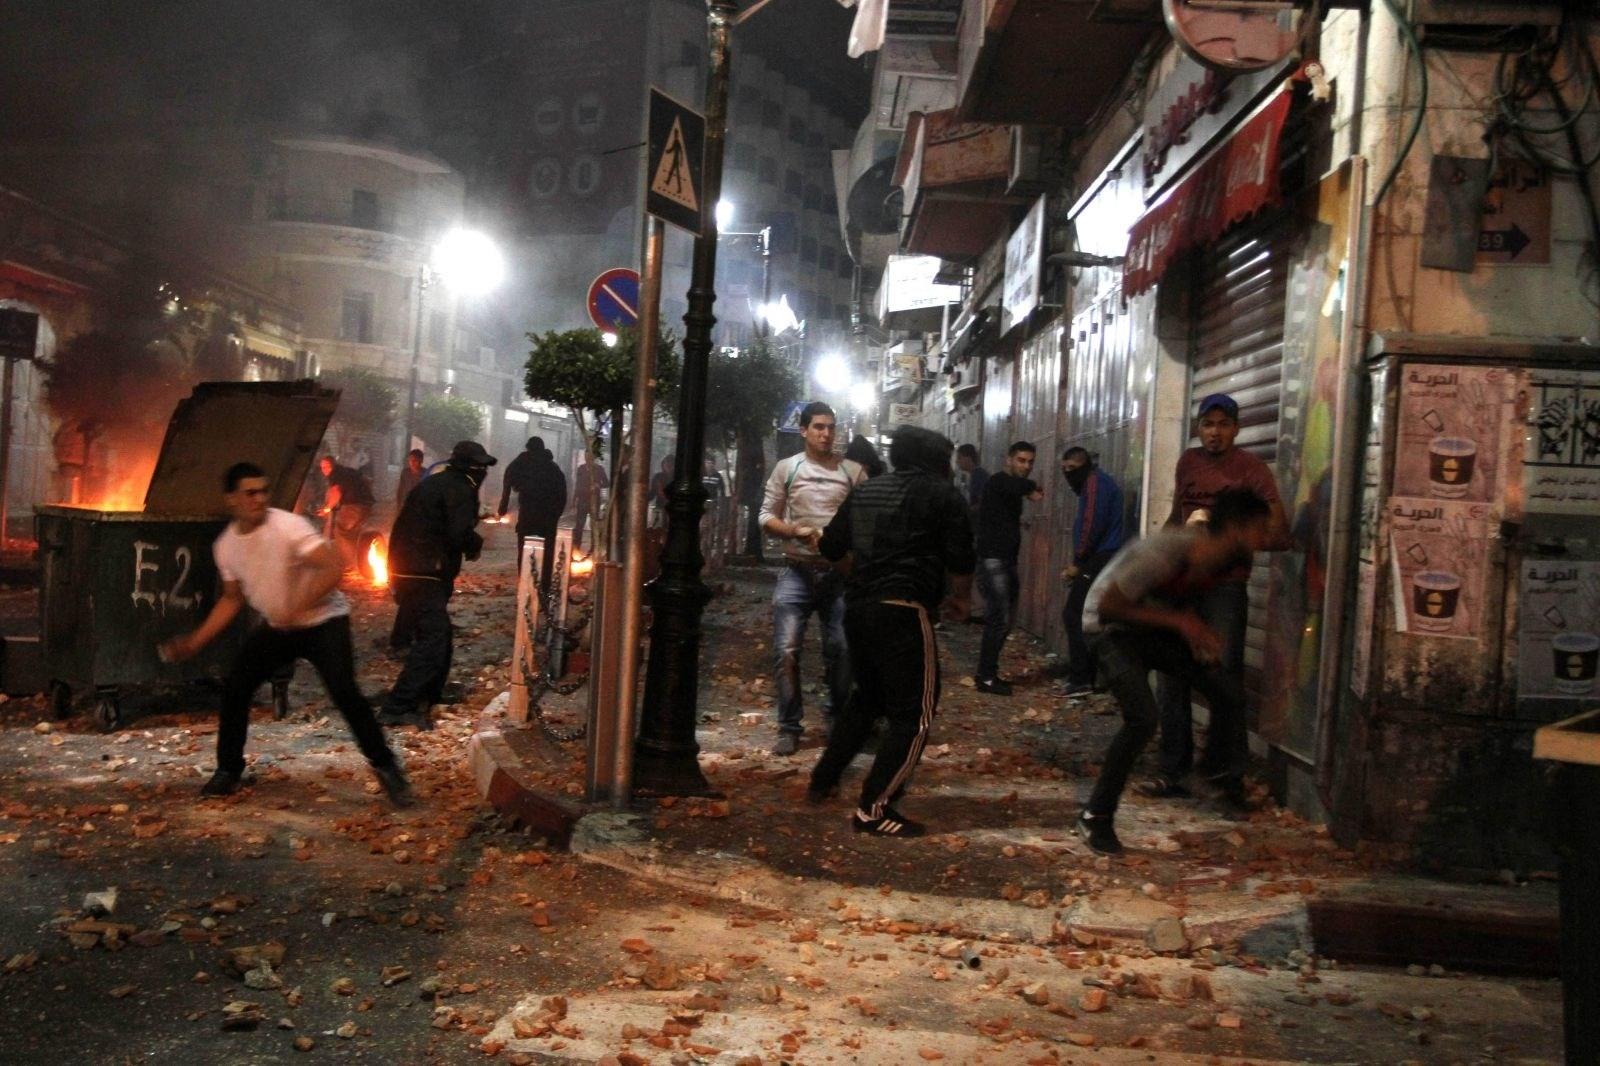 قوات الاحتلال الاسرائيلي تقتحم بلدة العيسوية في القدس المحتلة